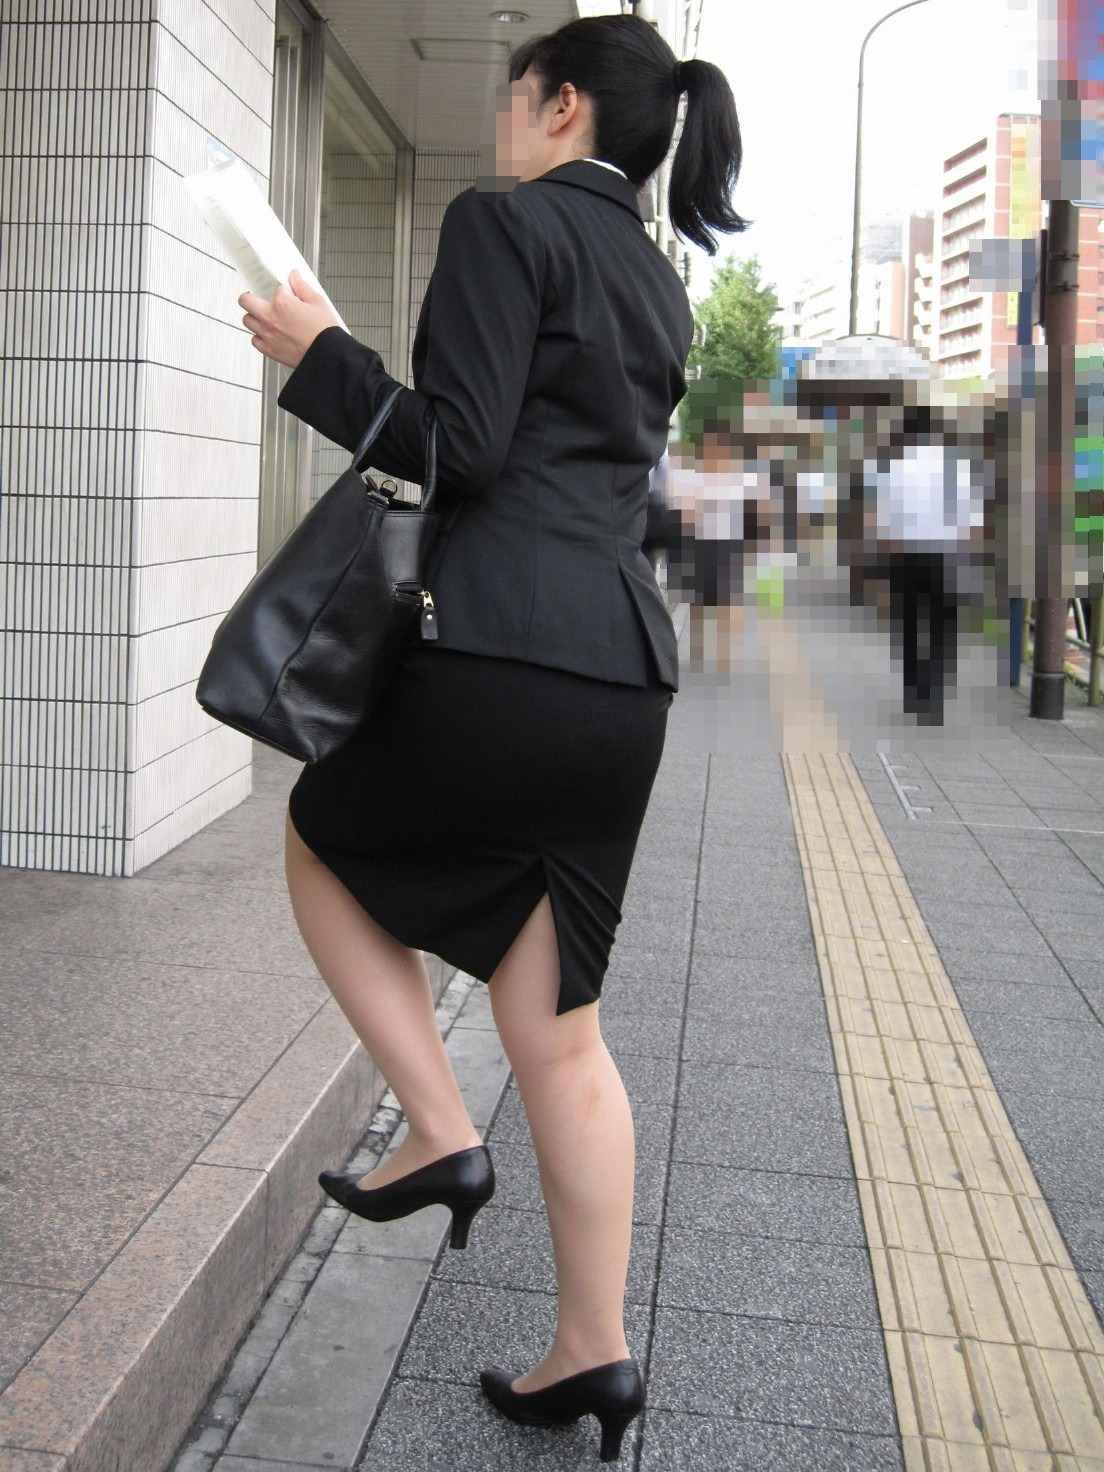 リクルートスーツのお姉さんの街撮り画像だぁーwwwお尻プリプリで最高だぜぇーwww 81yy5YNjdIuL